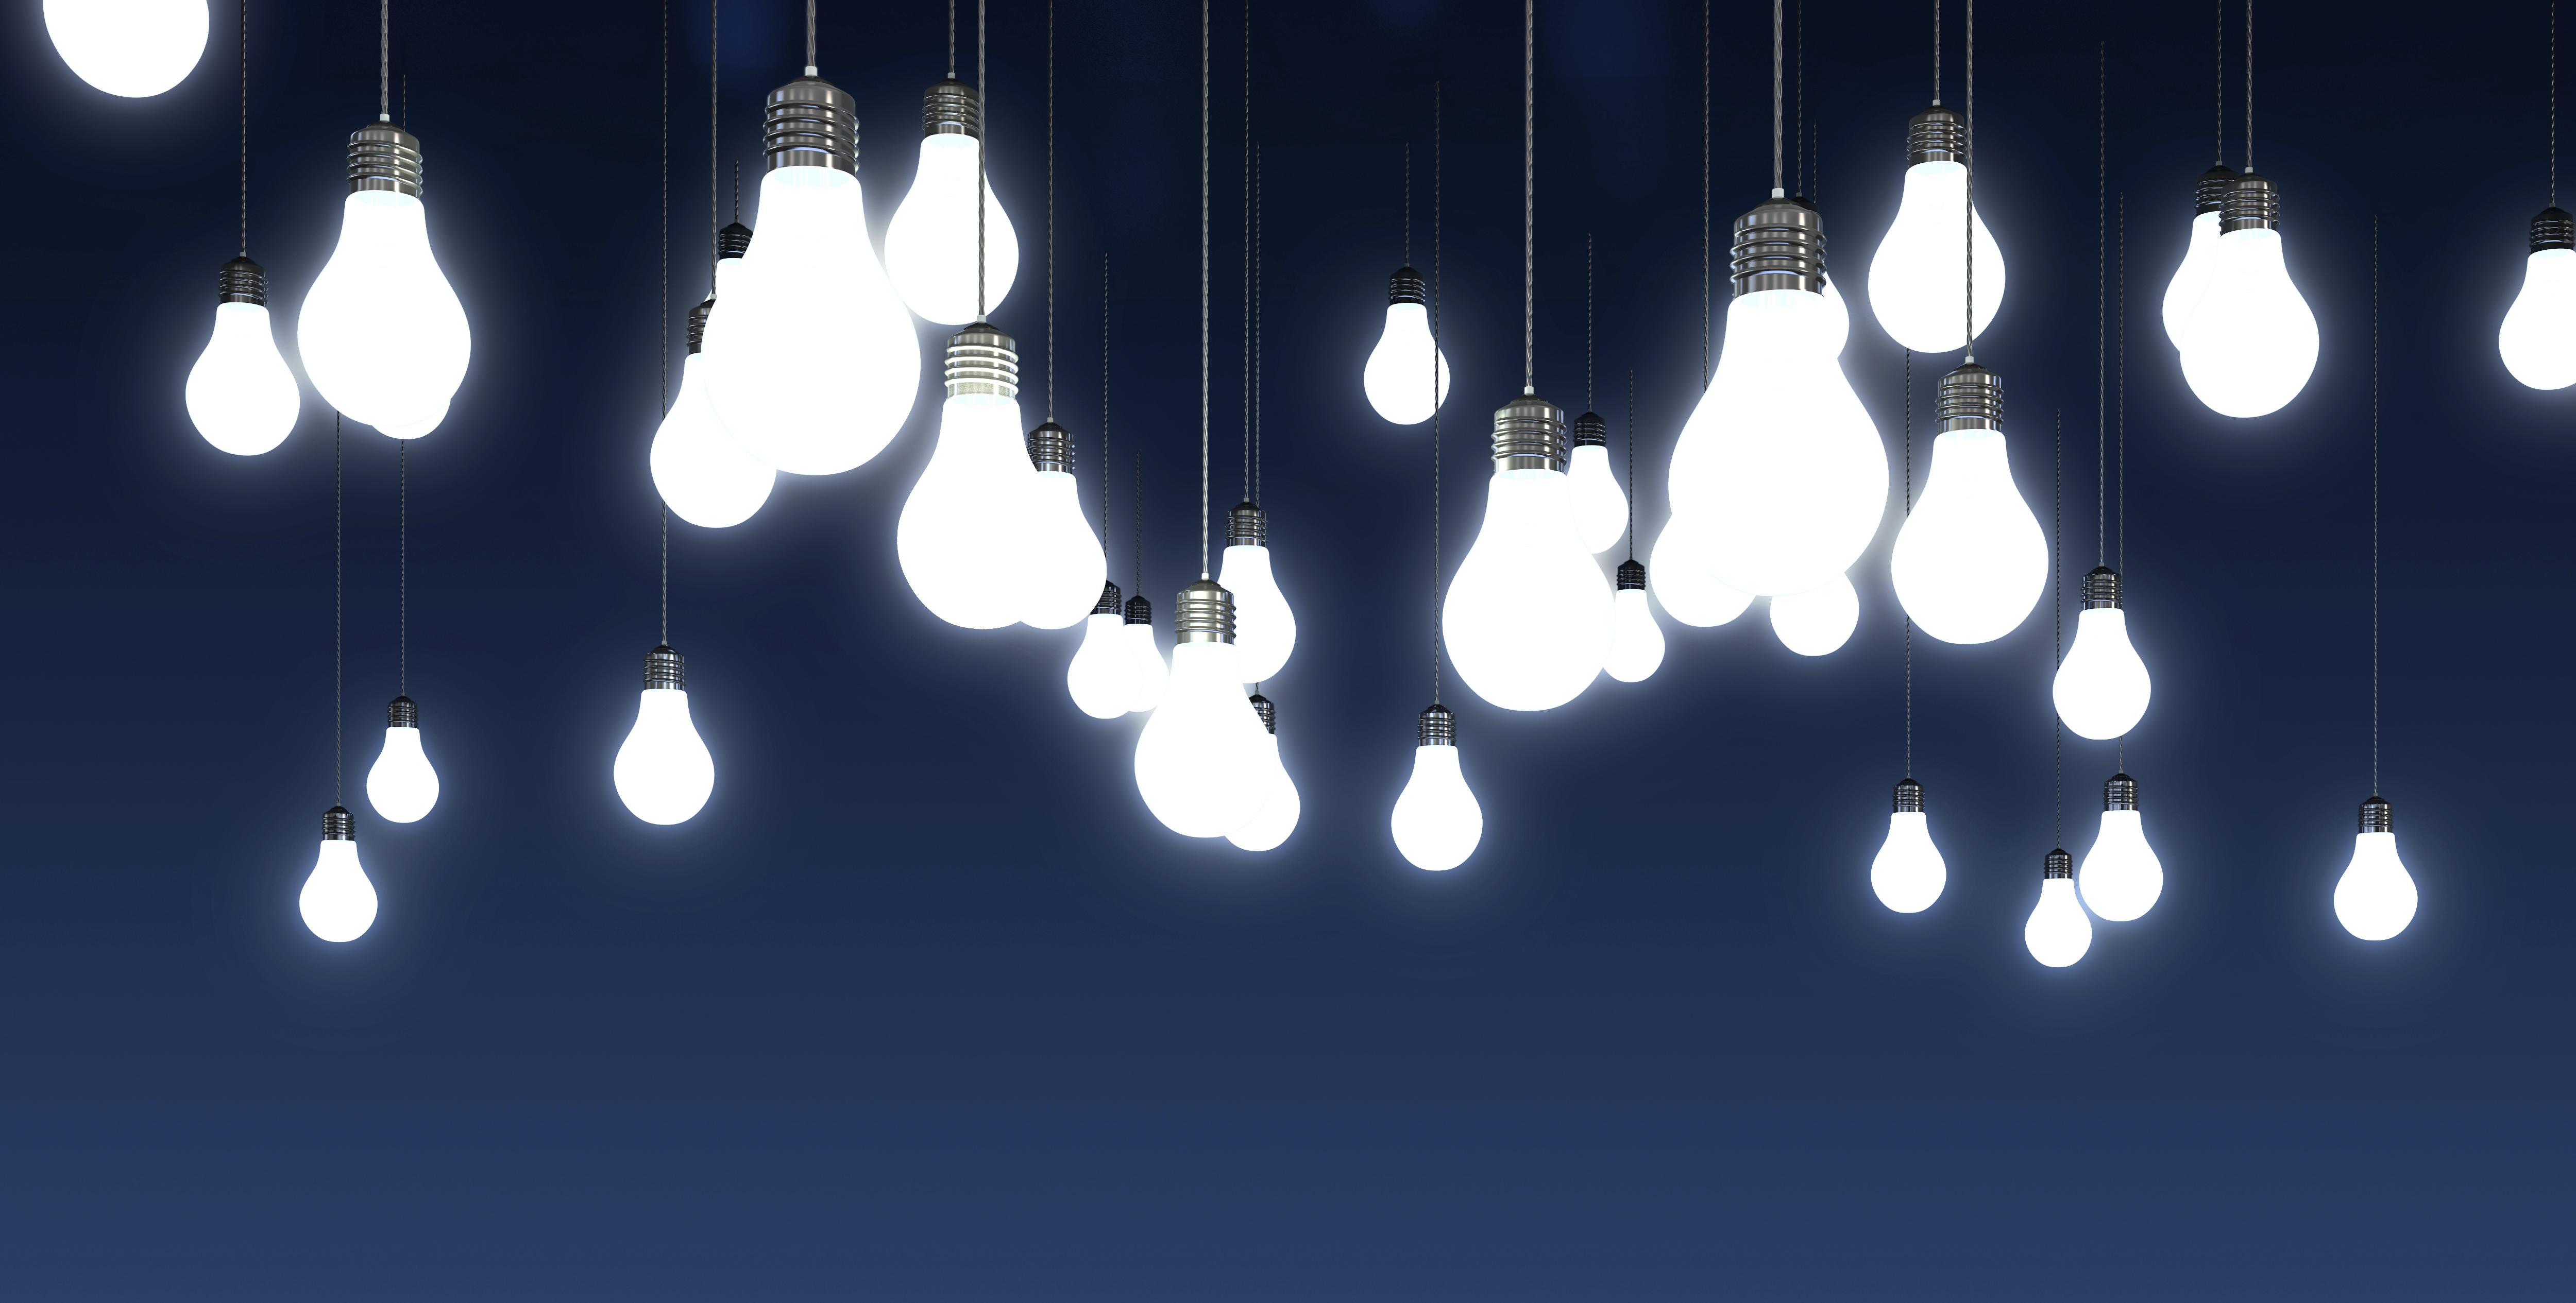 Поздравление от лампочек